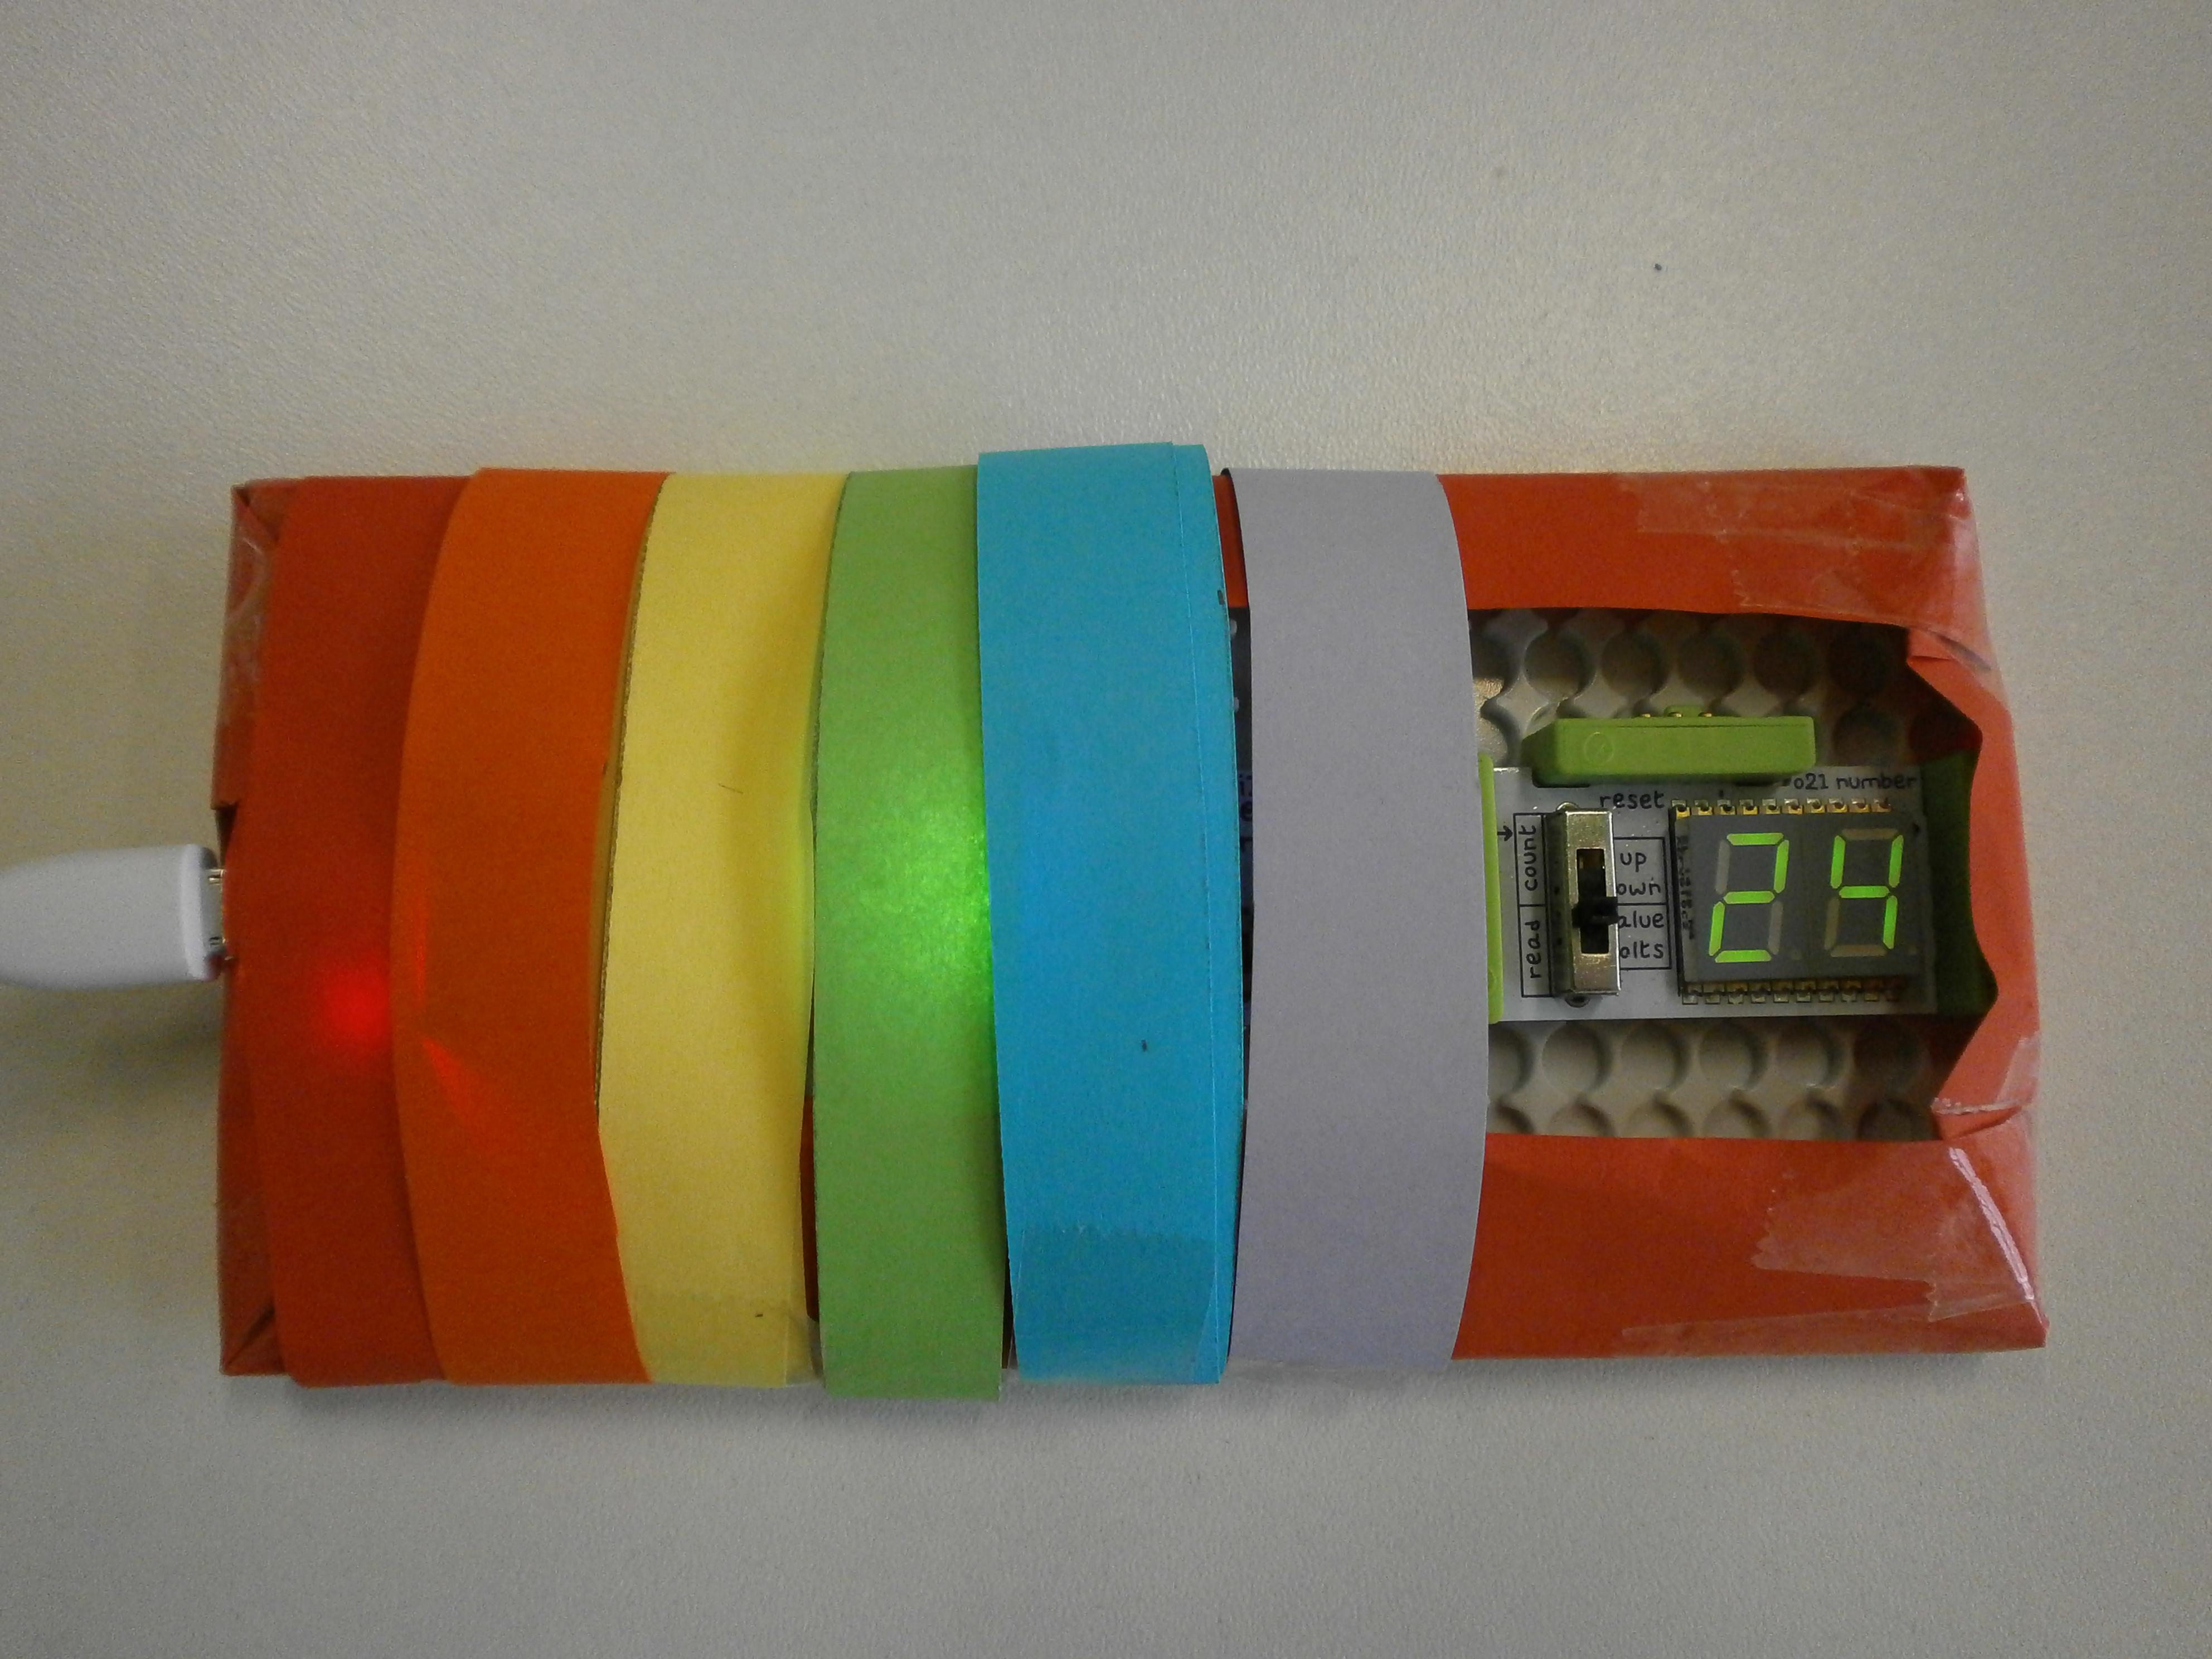 Naš uređaj za mjerenje temperature